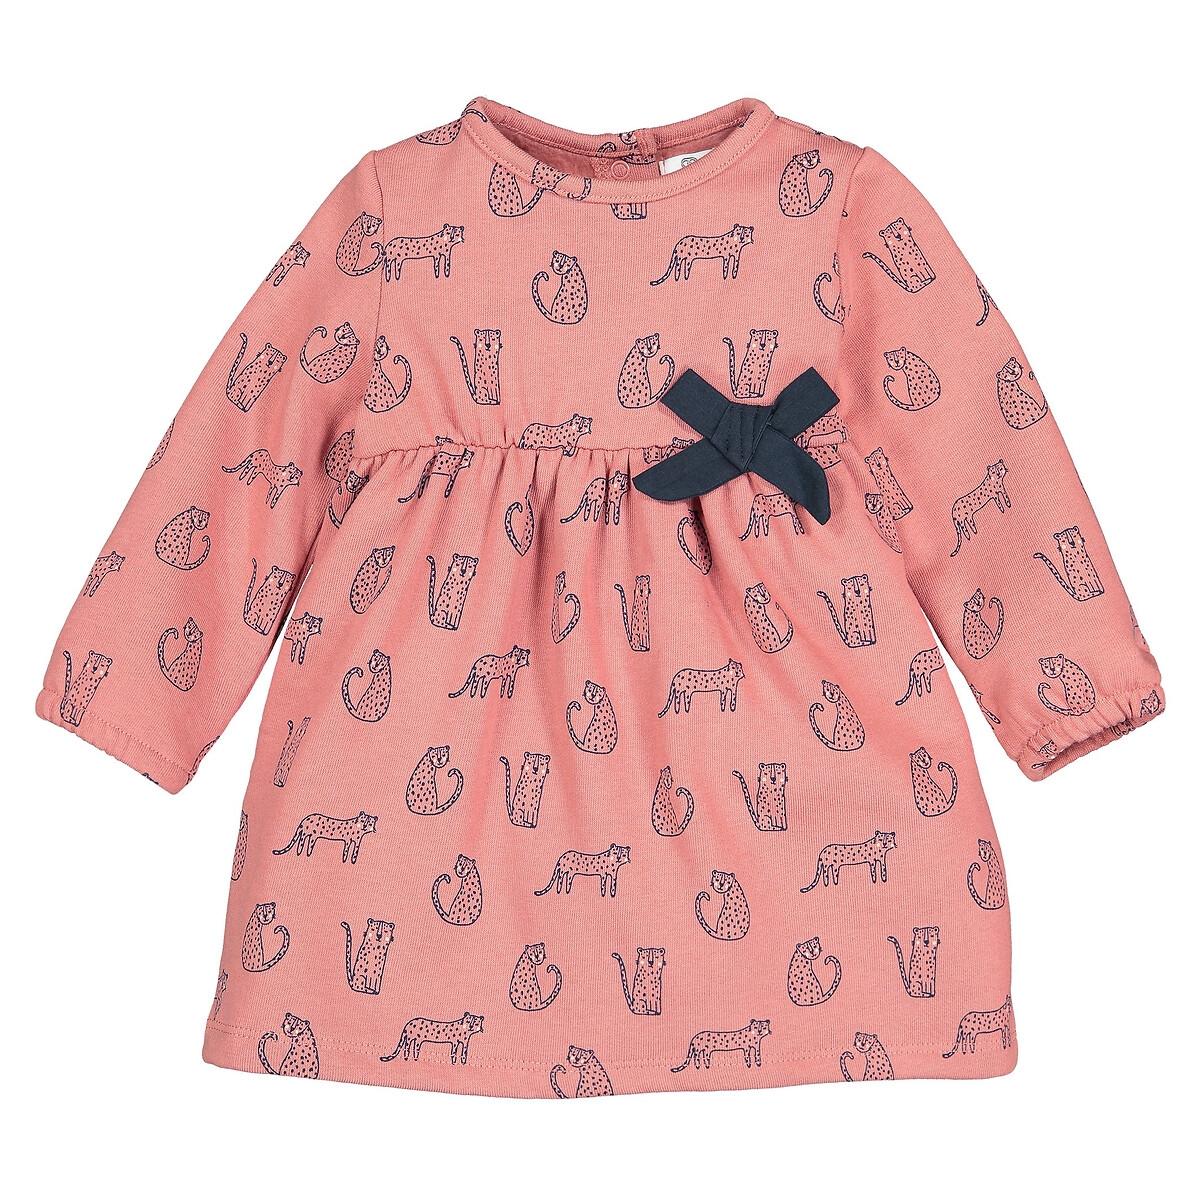 Фото - Платье LaRedoute Из мольтона с леопардовым рисунком 1 мес - 3 года 3 мес. - 60 см розовый брюки laredoute из мольтона с бантом 1 мес 3 года 9 мес 71 см розовый